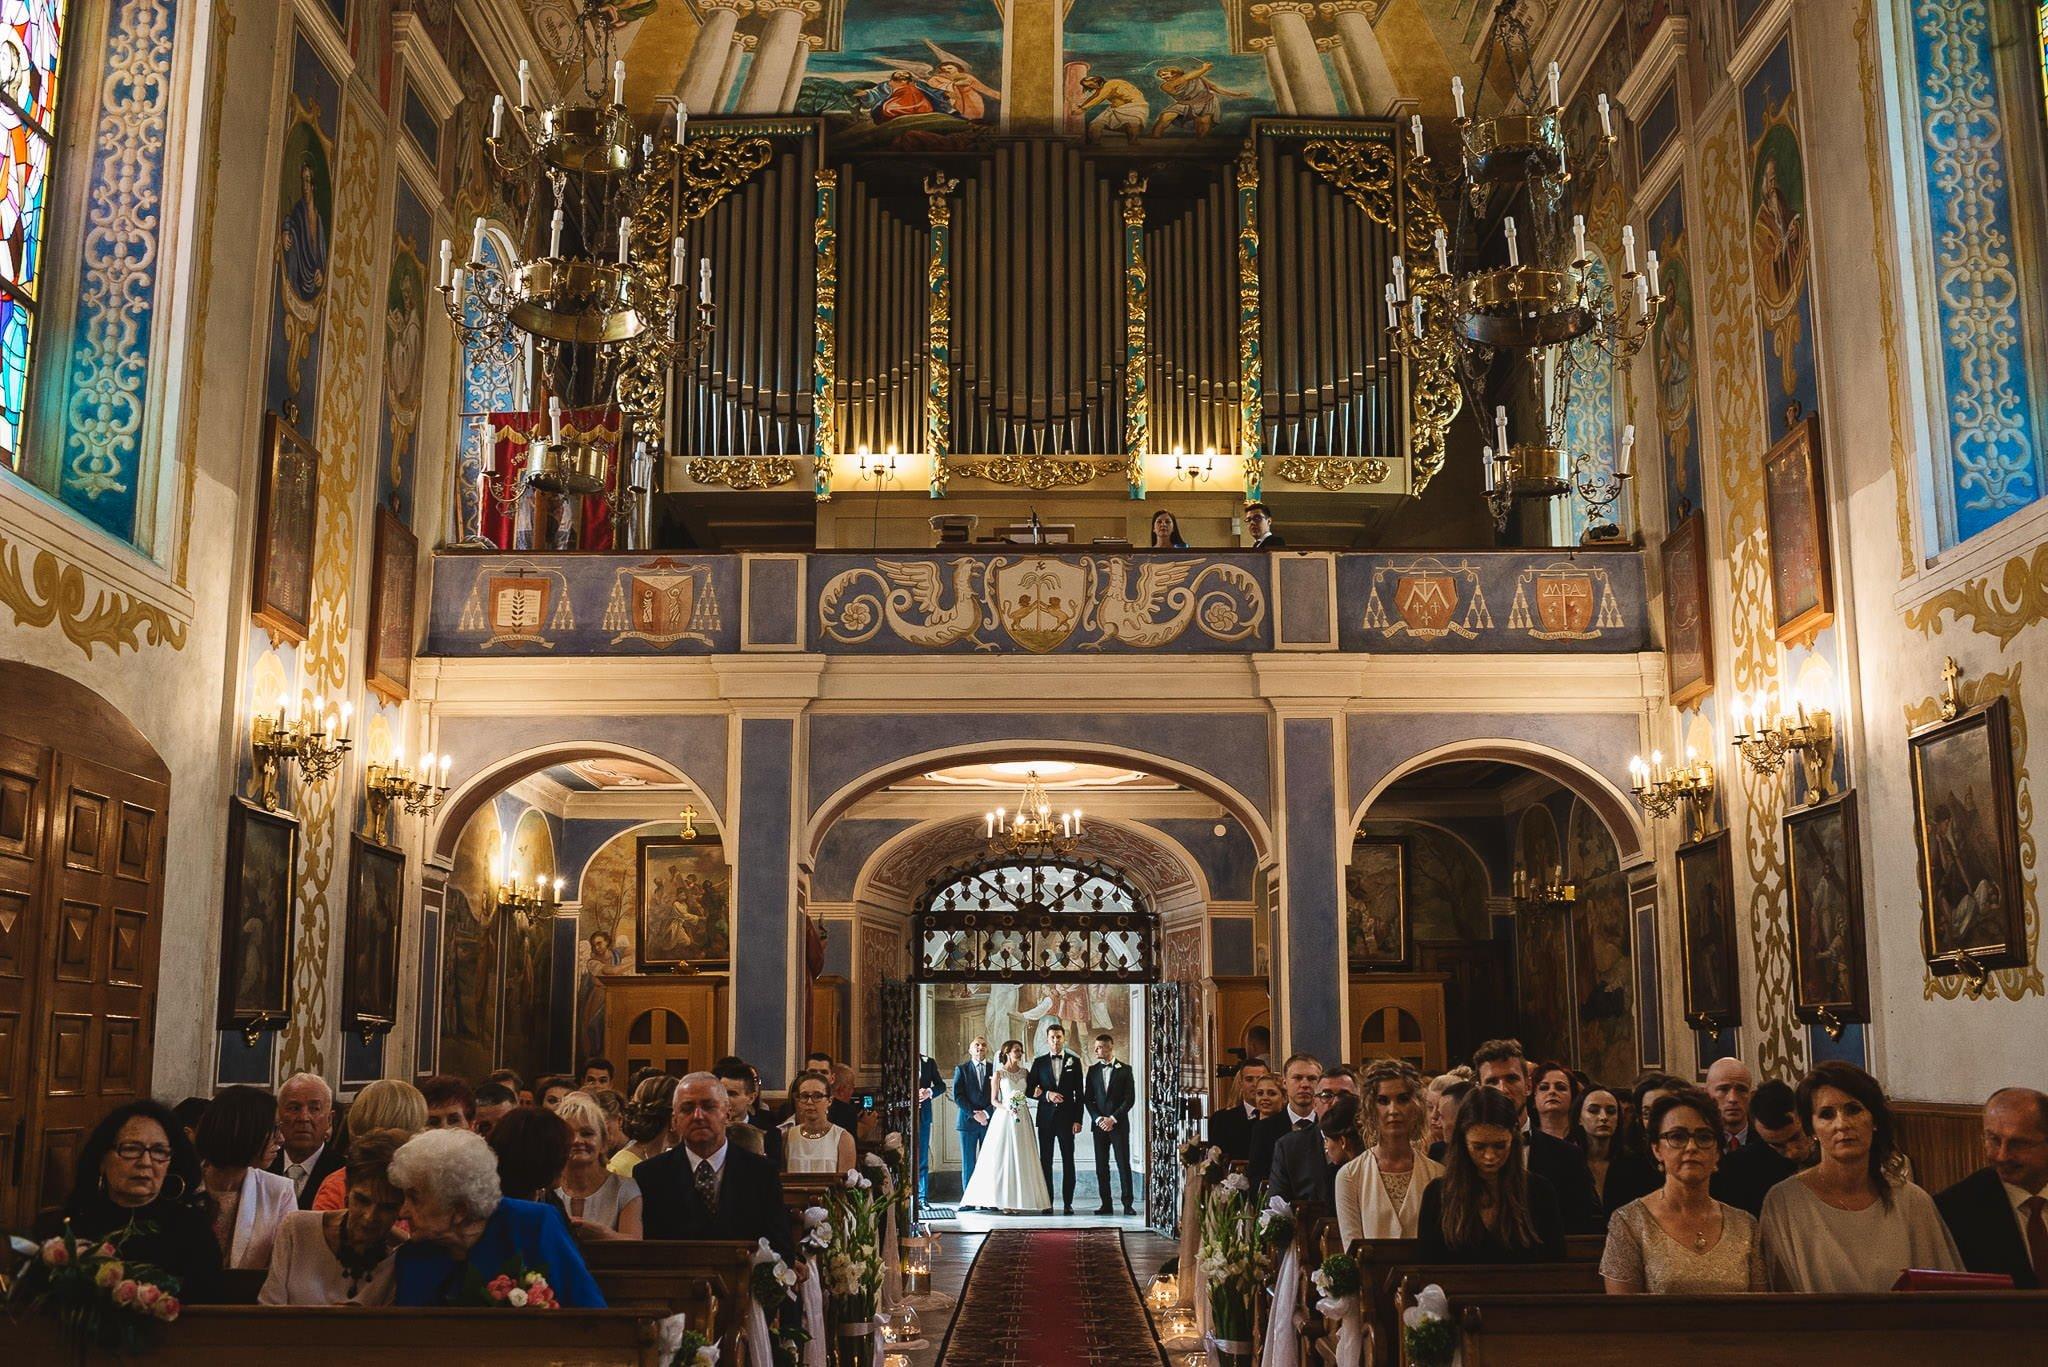 Monika i Michał, wesele w Paryżu i sesja plenerowa w stadninie koni w Czołowie 94